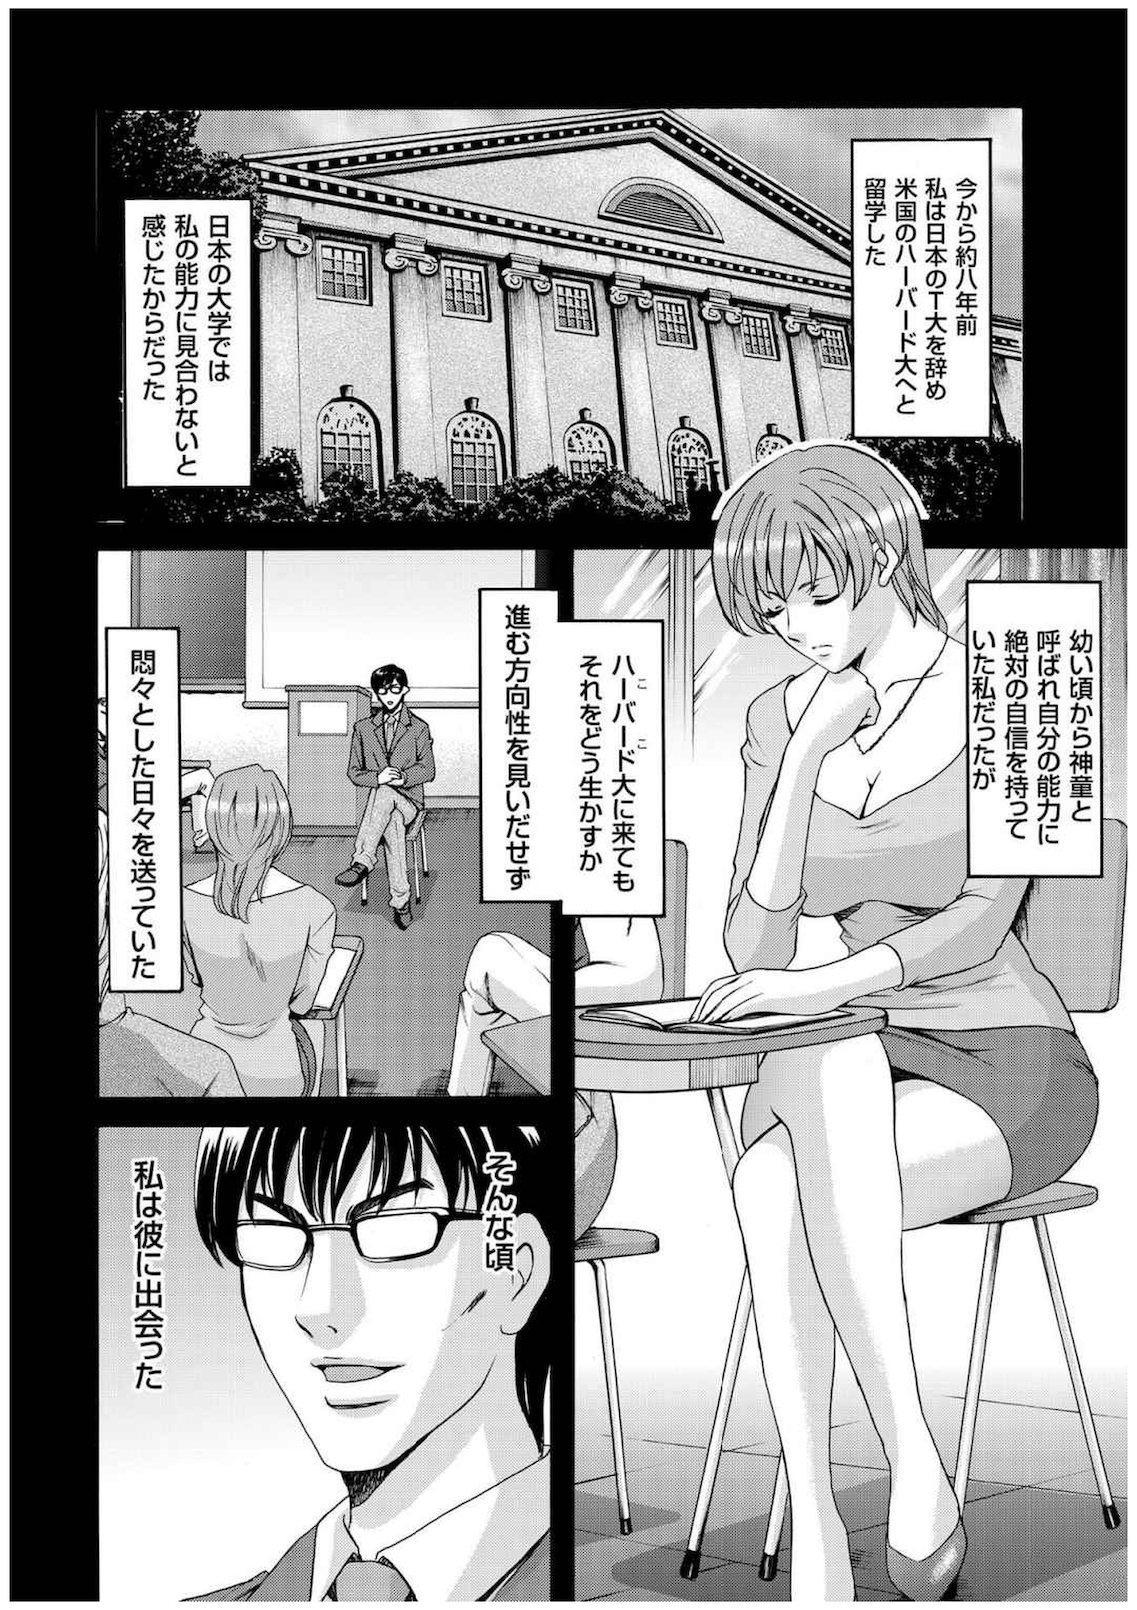 Sennyu Tsuma Satomi Kiroku 298